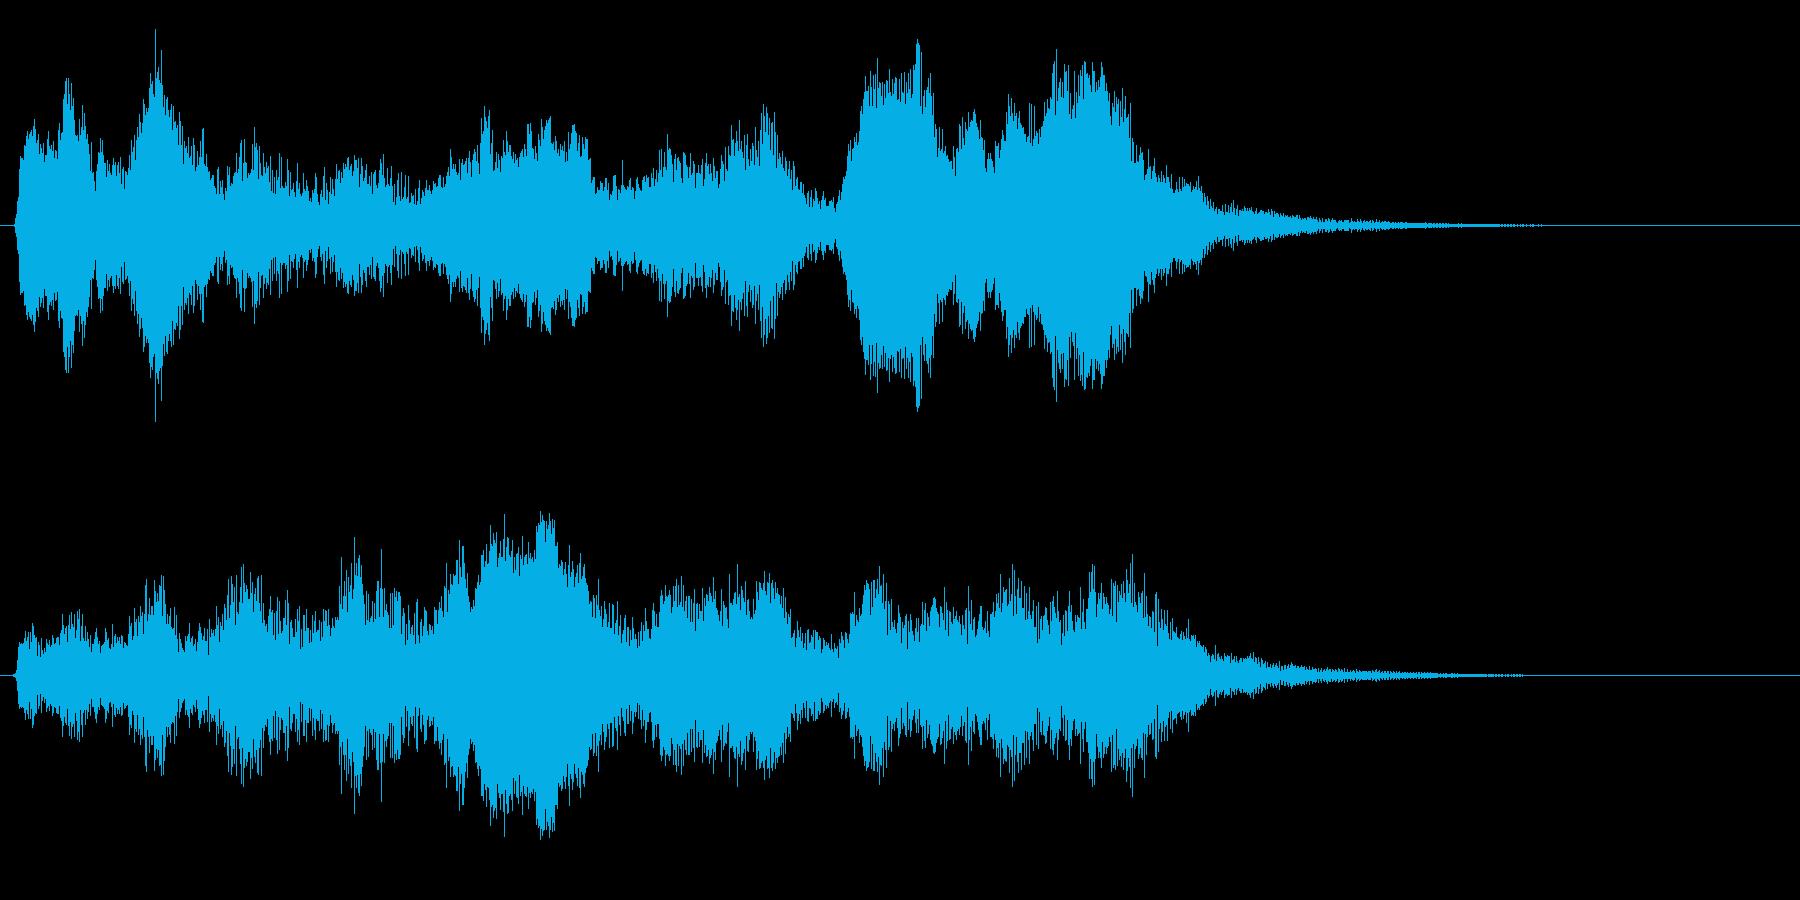 オルゴールとストリングスの優しいジングルの再生済みの波形